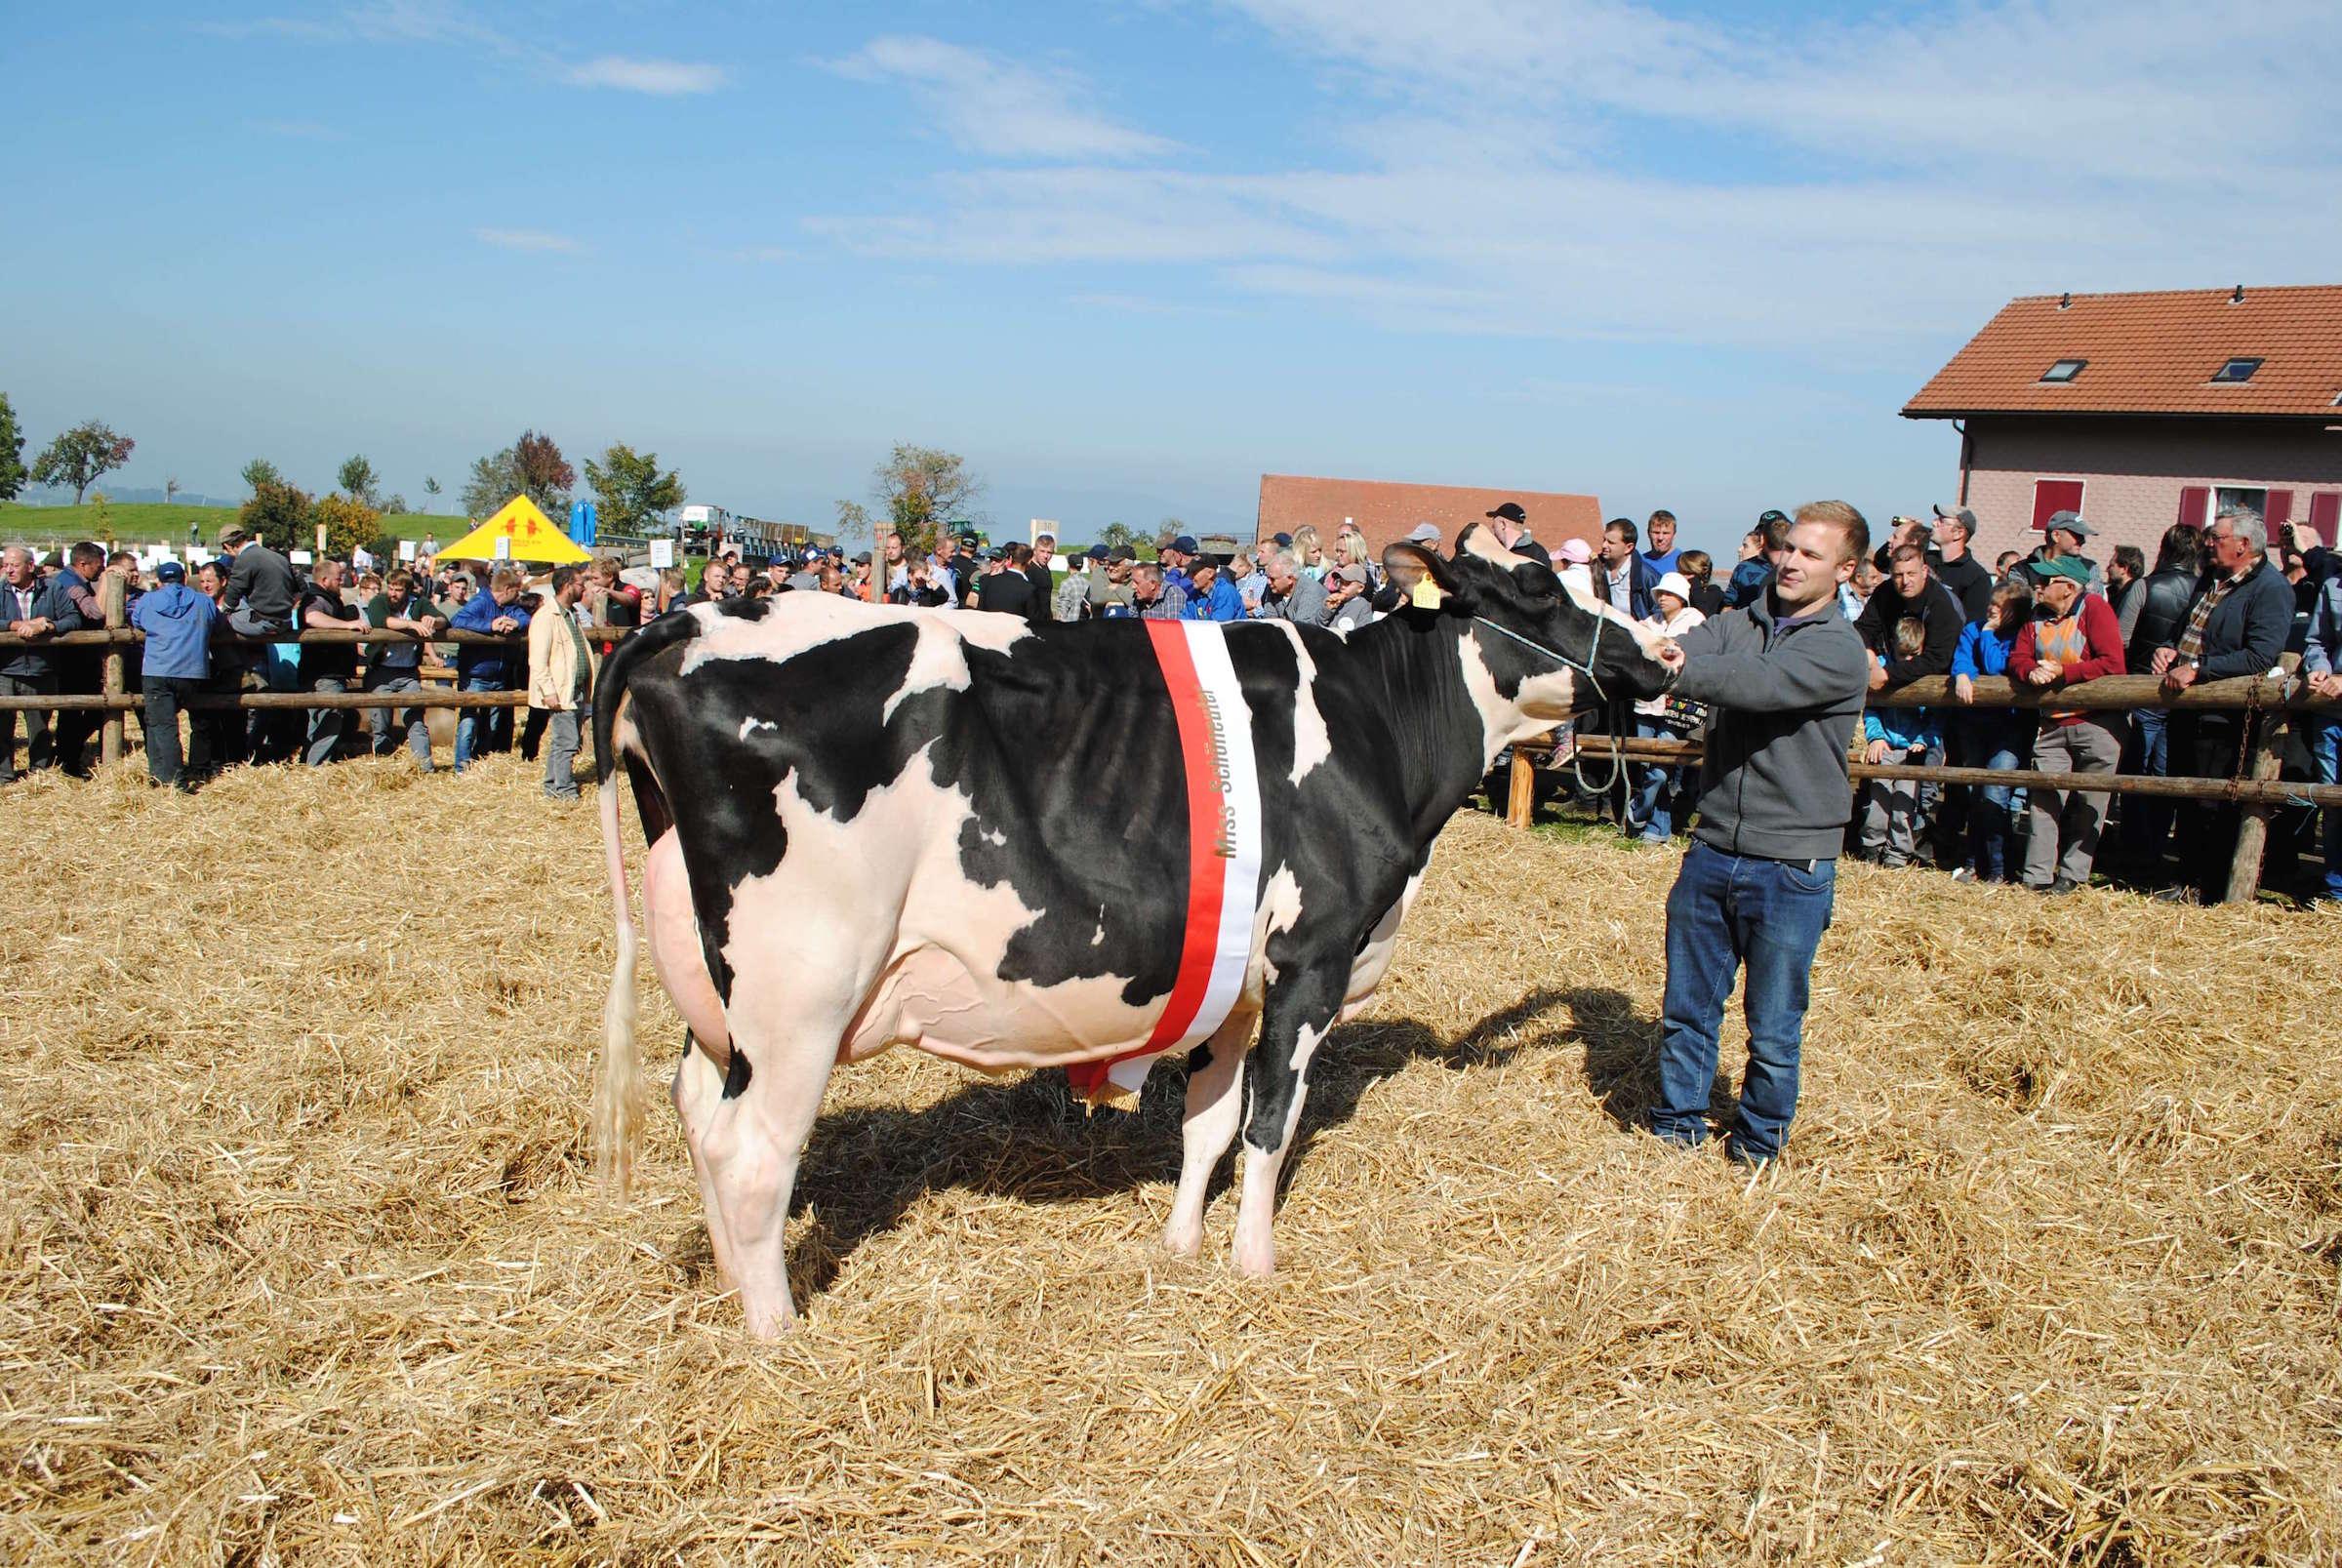 Schoeneuter juengere Kuehe Holstein, Jllusion, Reichmuth Baptist, Schwyz (gross)